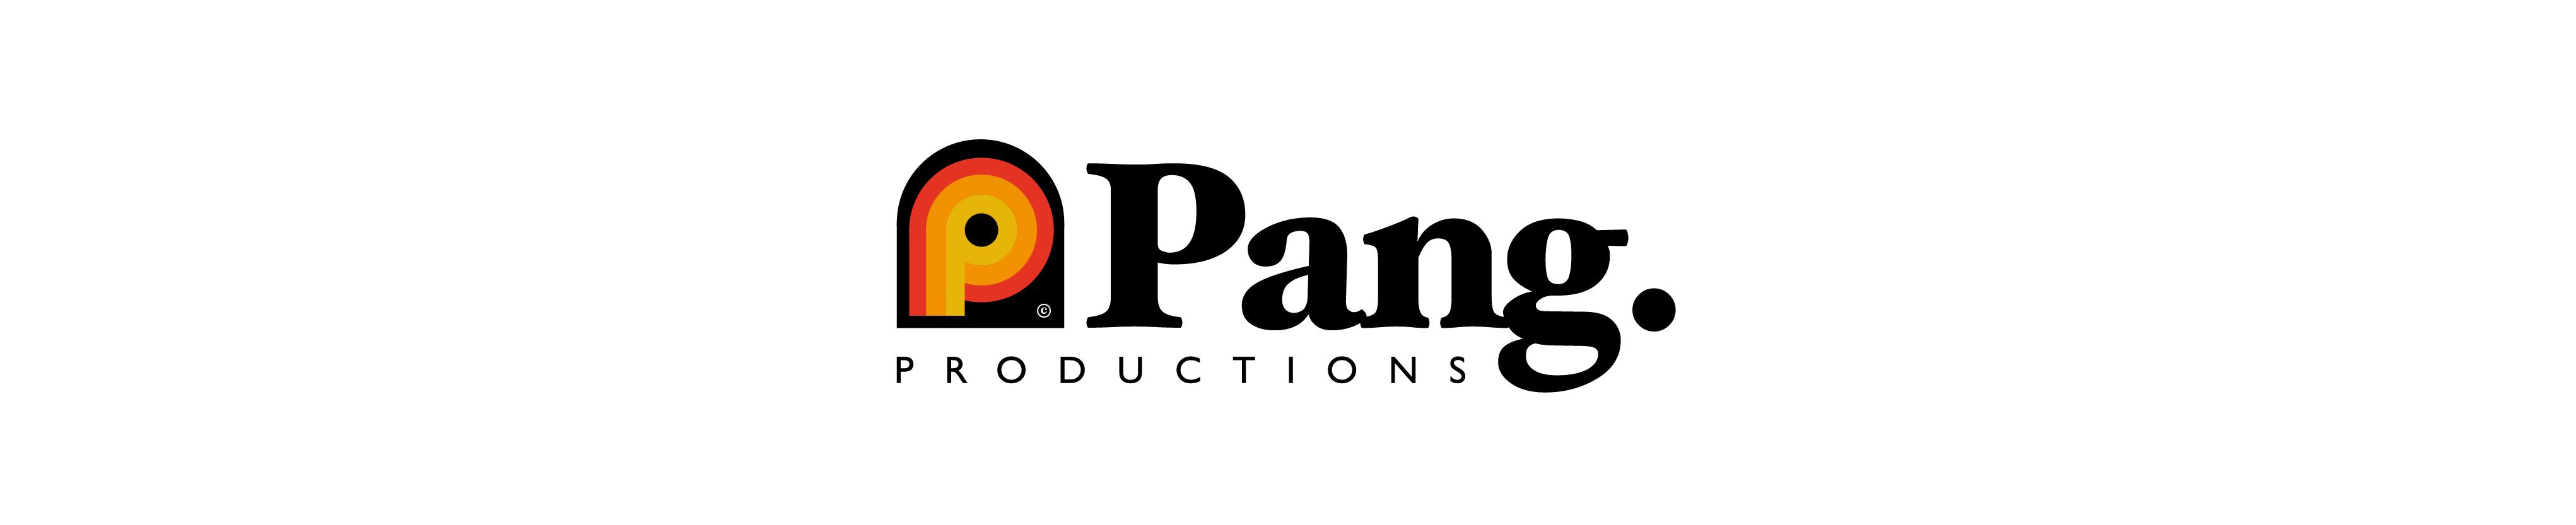 Pang Productions